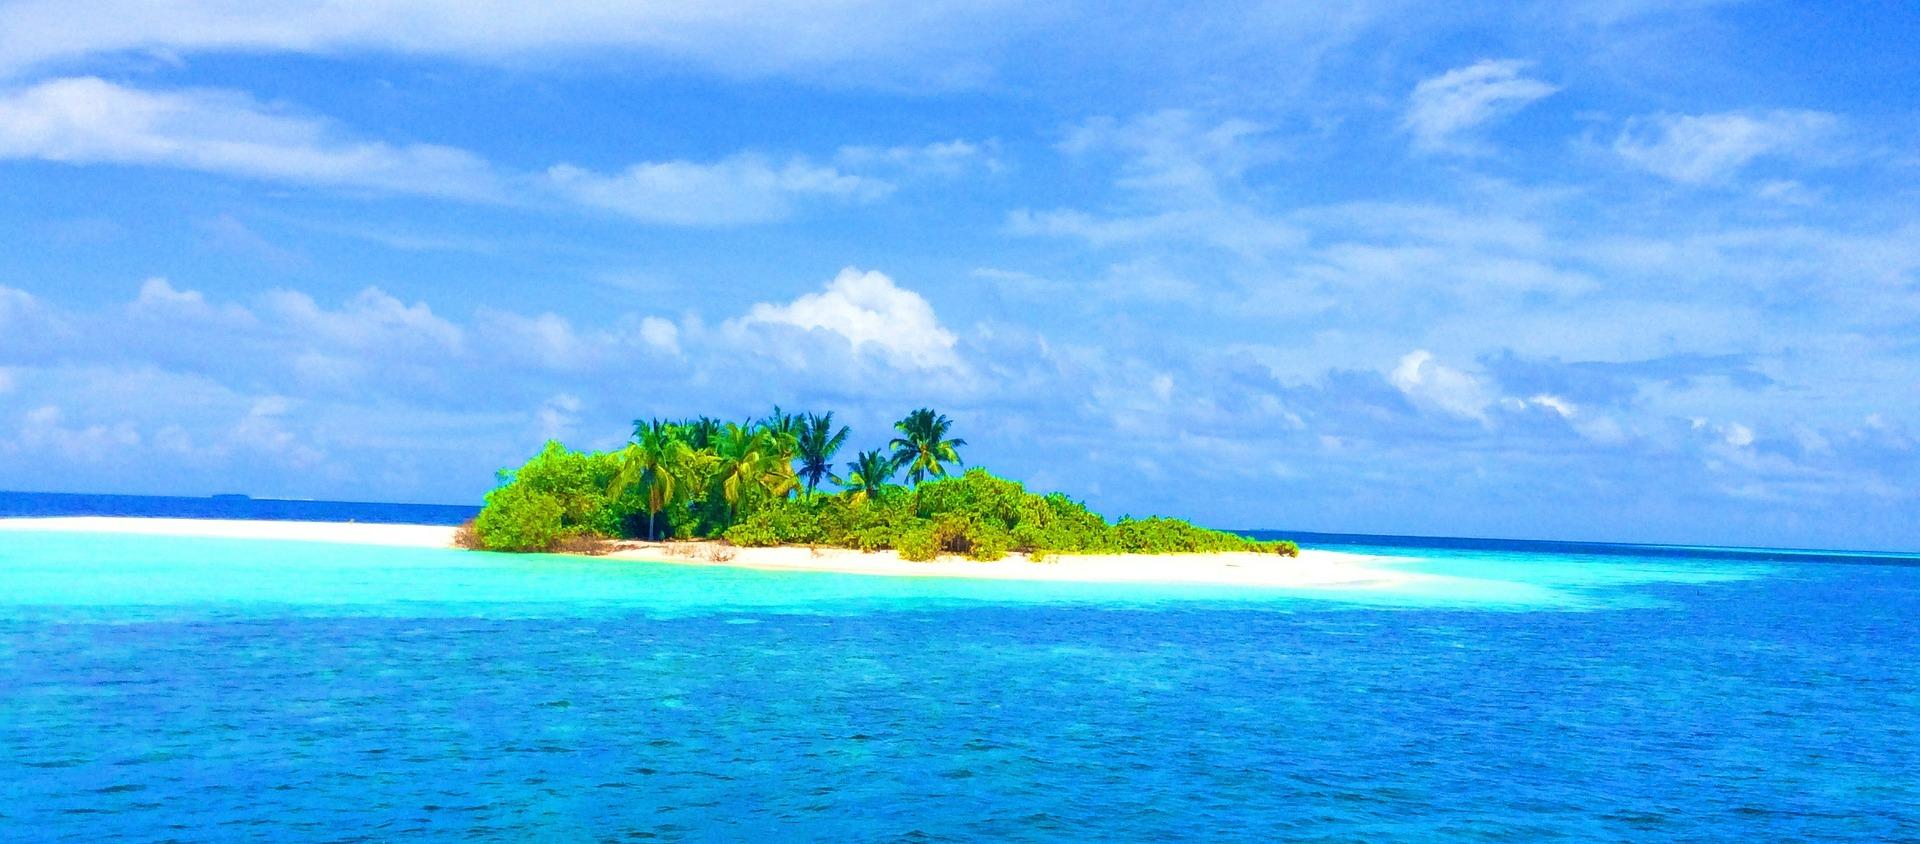 Ein Paradies auf Erden - Bild